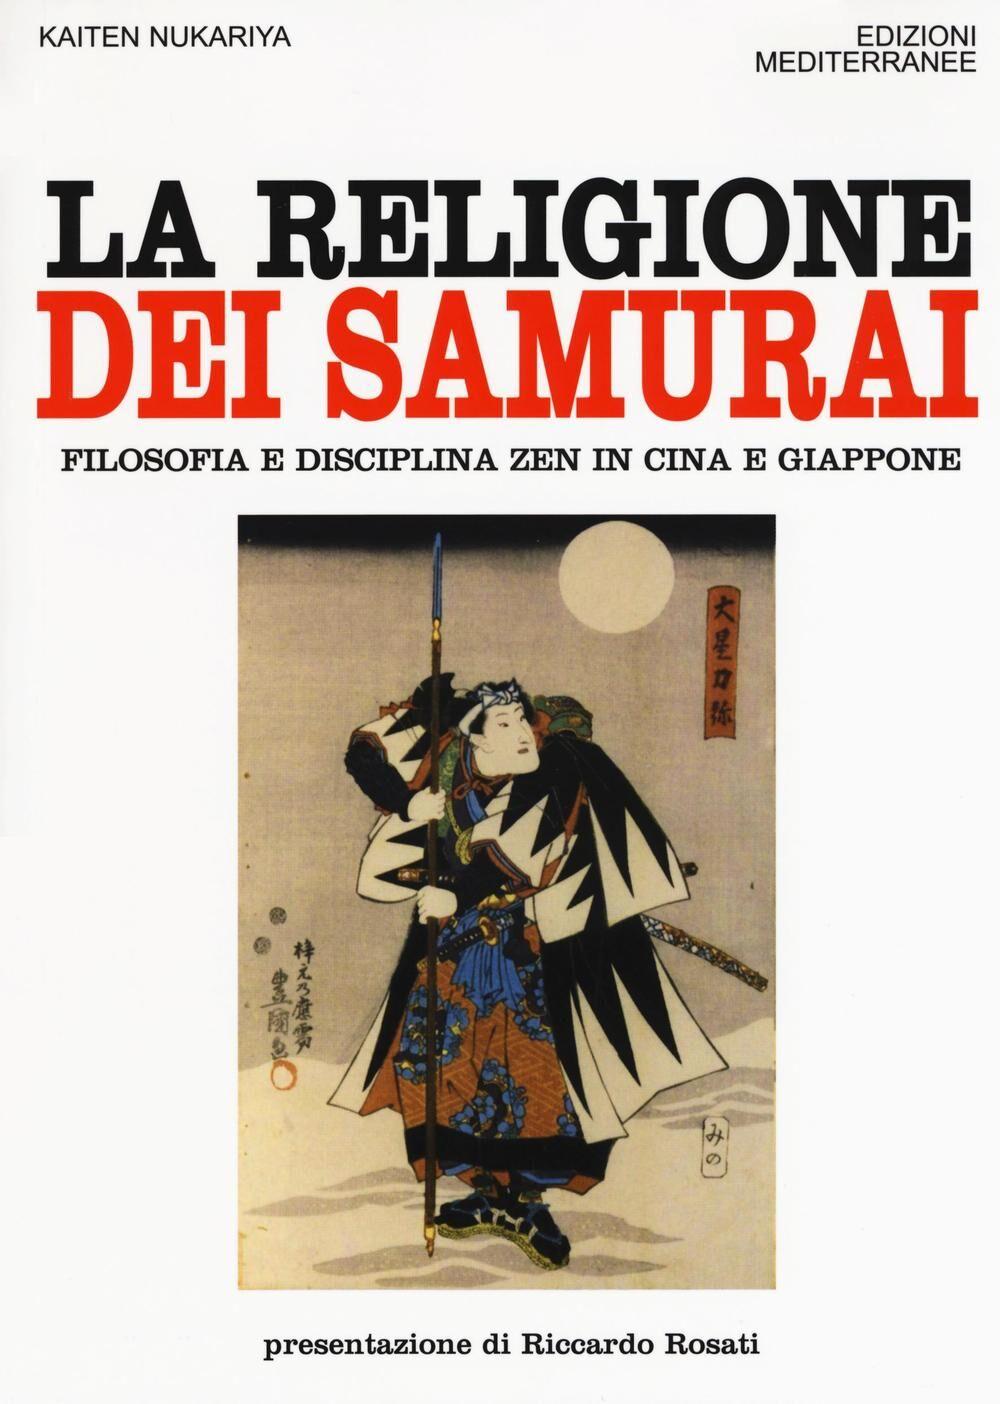 La religione dei samurai. Filosofia e disciplina zen in Cina e Giappone